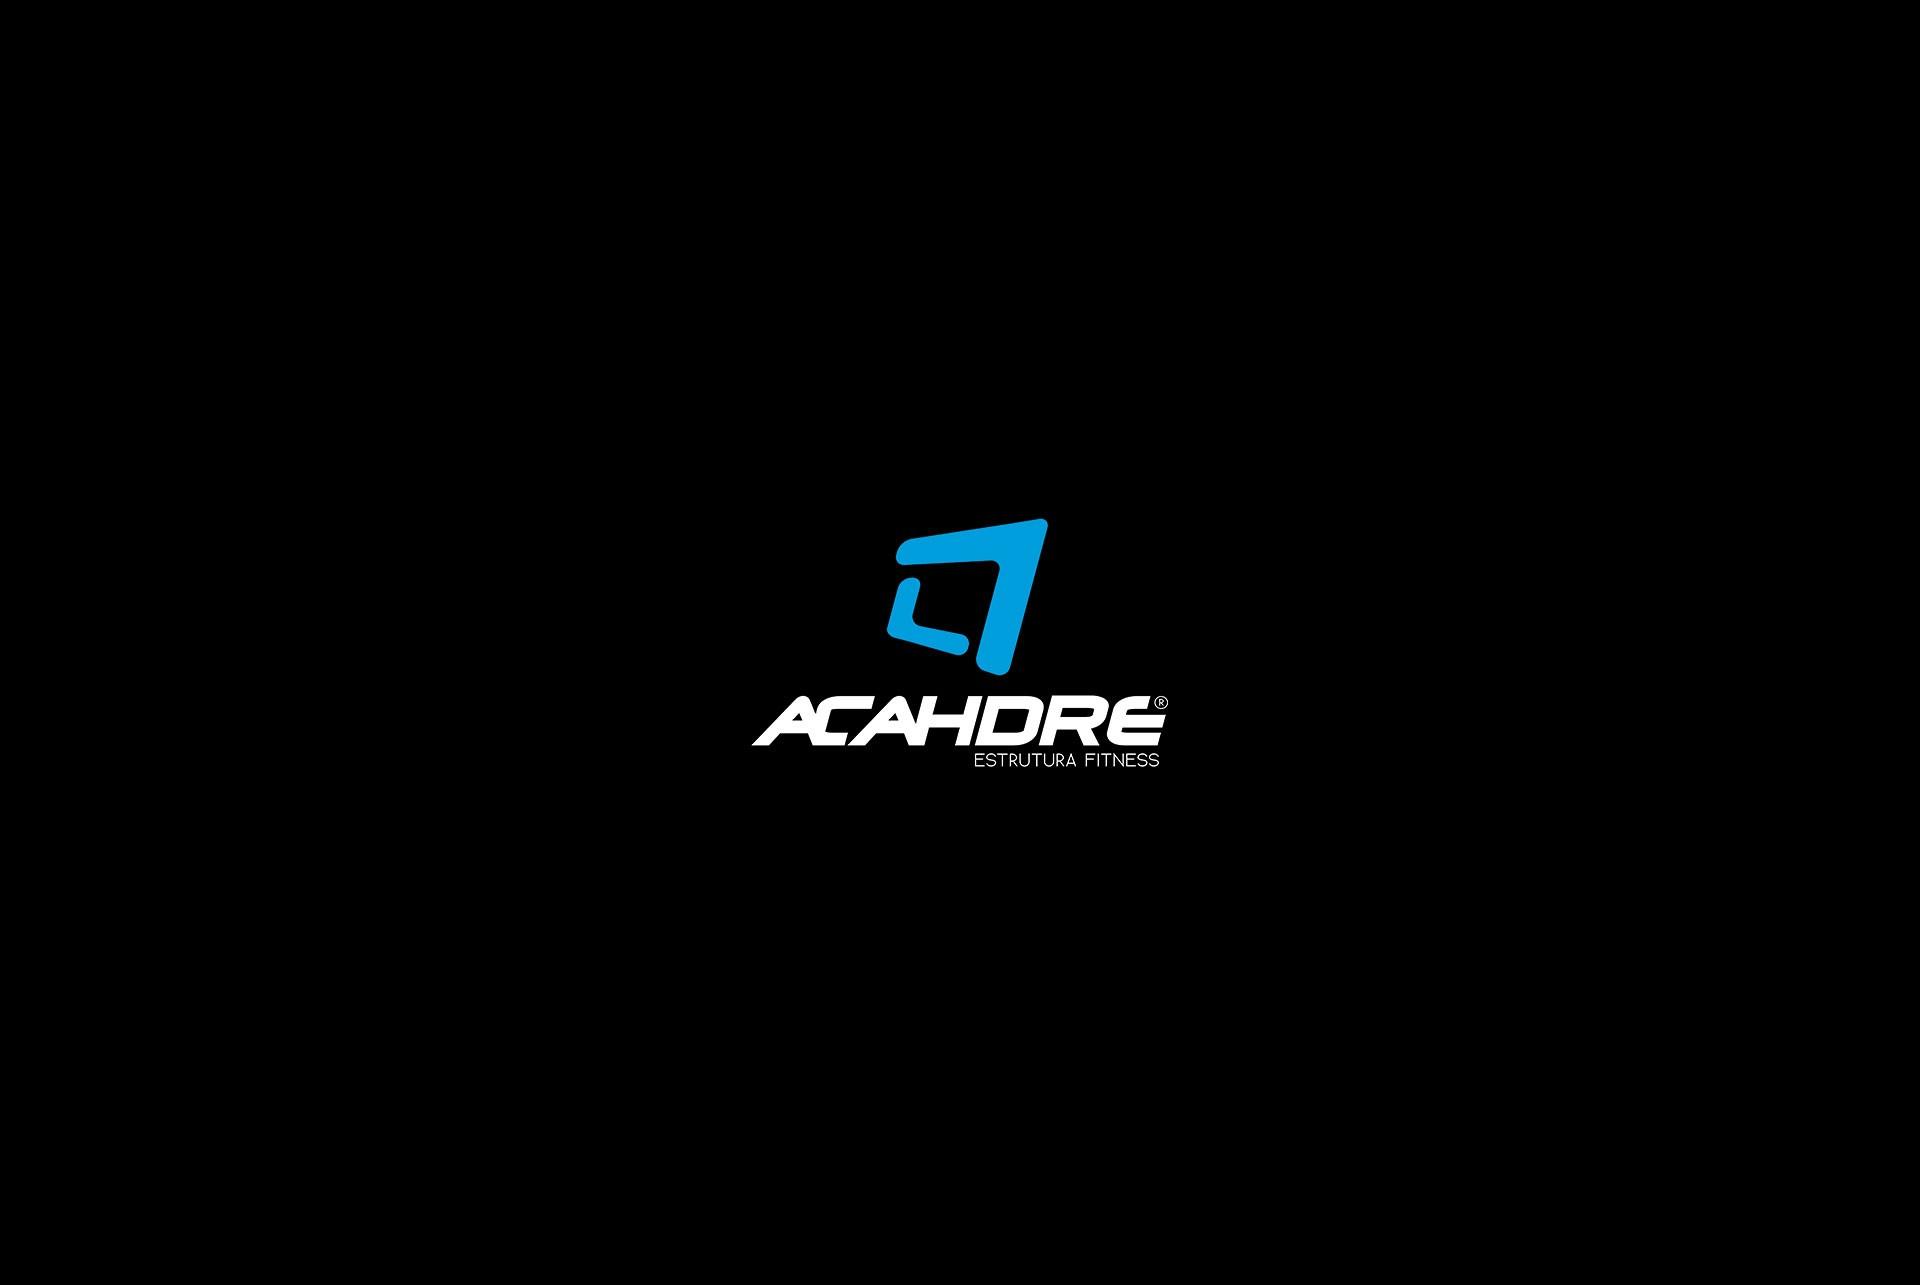 Acahdre